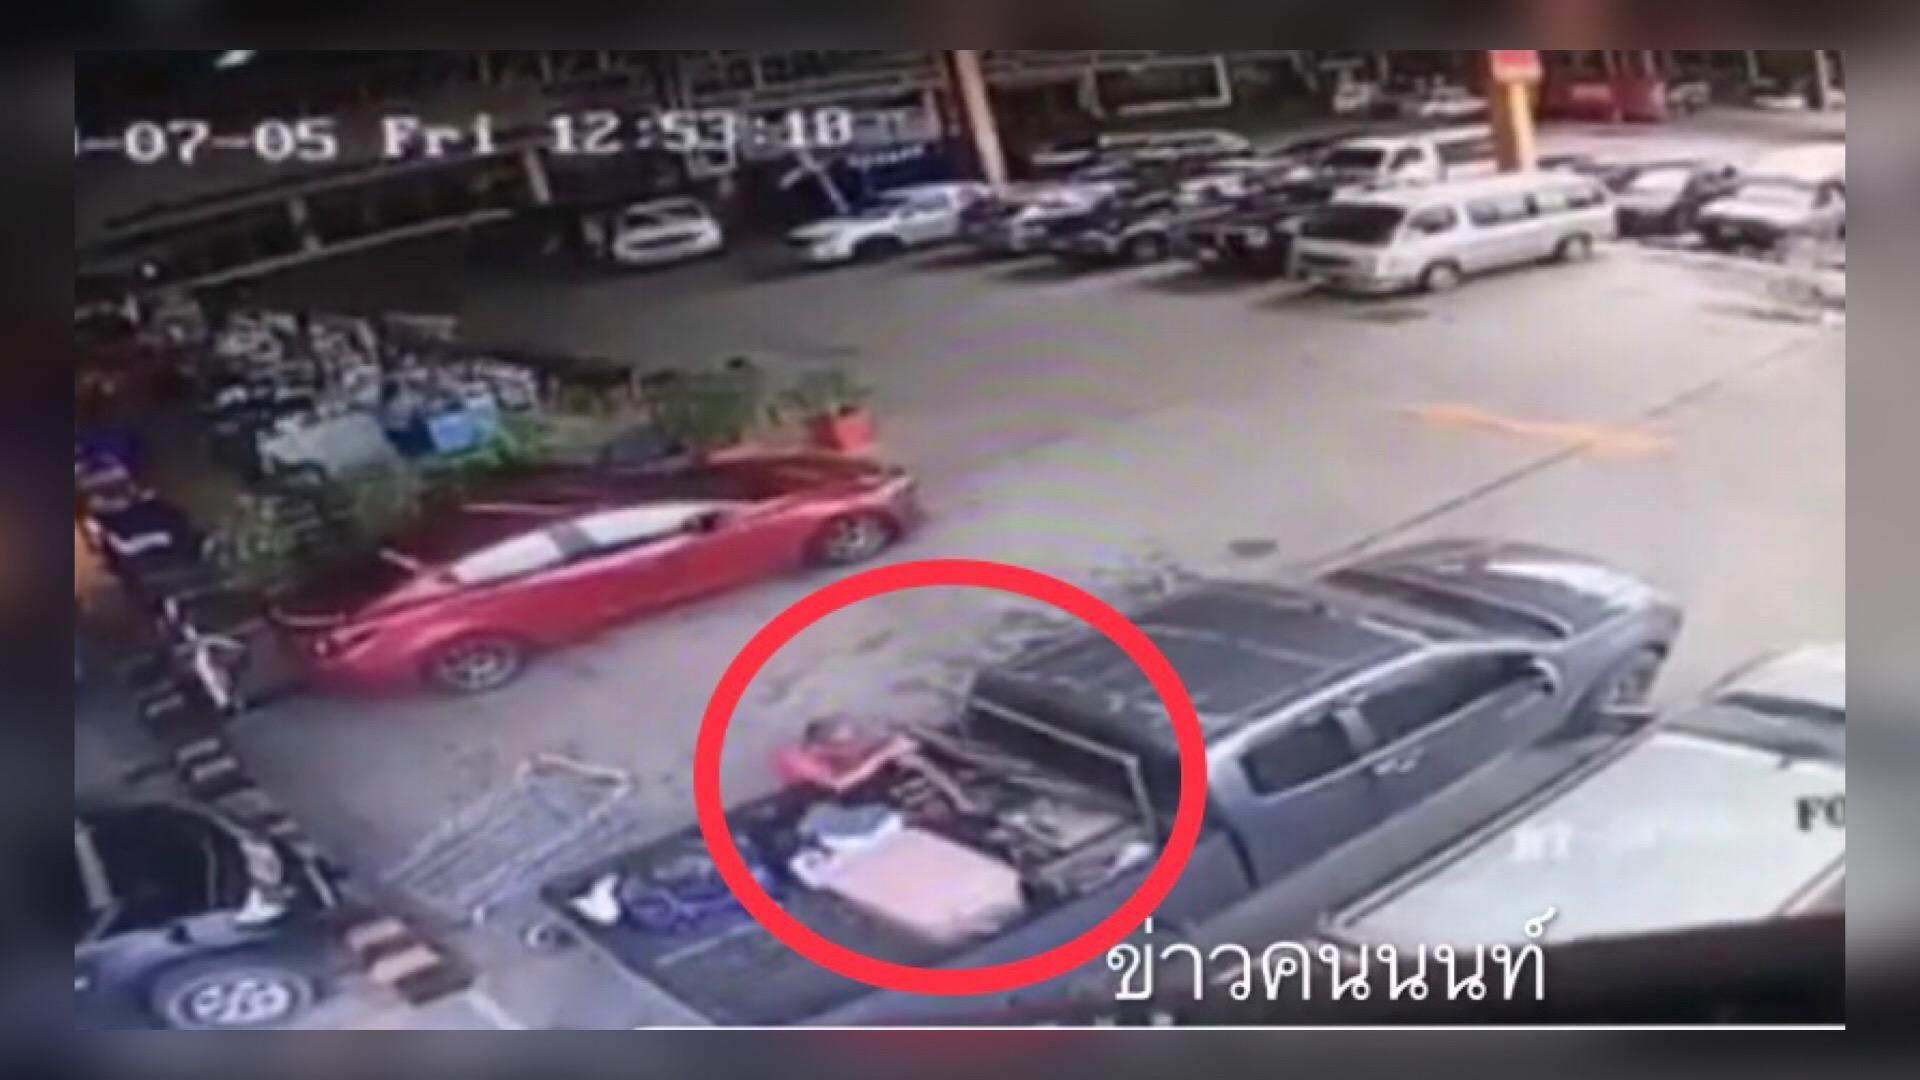 เตือนภัย! โจรฉกของหลังรถกระบะ อาละวาดหนักนนทบุรี (ชมคลิป)